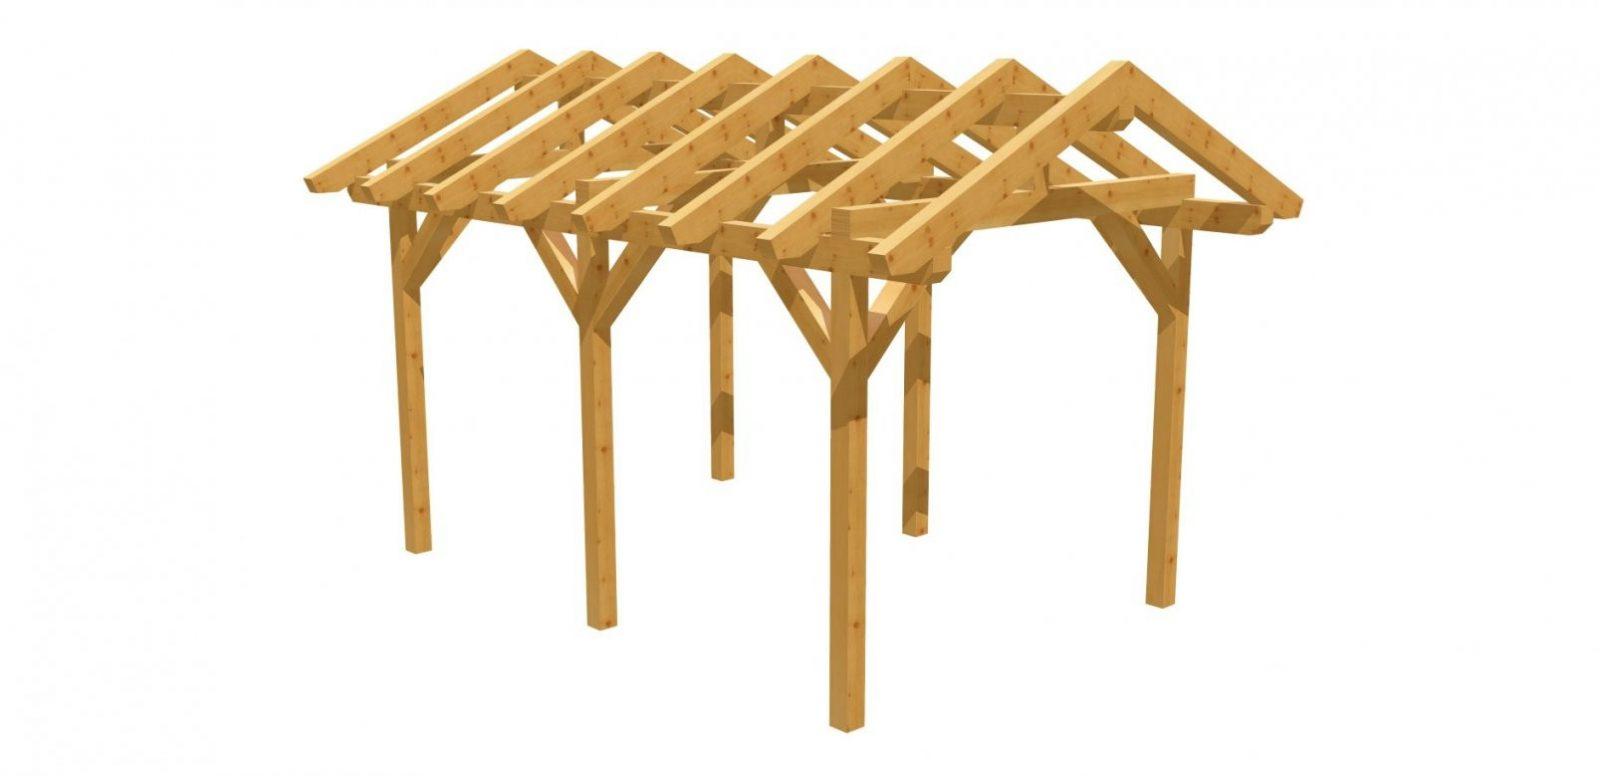 Sparen  Durch Selber Bauen  Holzbauplan von Terrassenüberdachung Selber Bauen Anleitung Photo